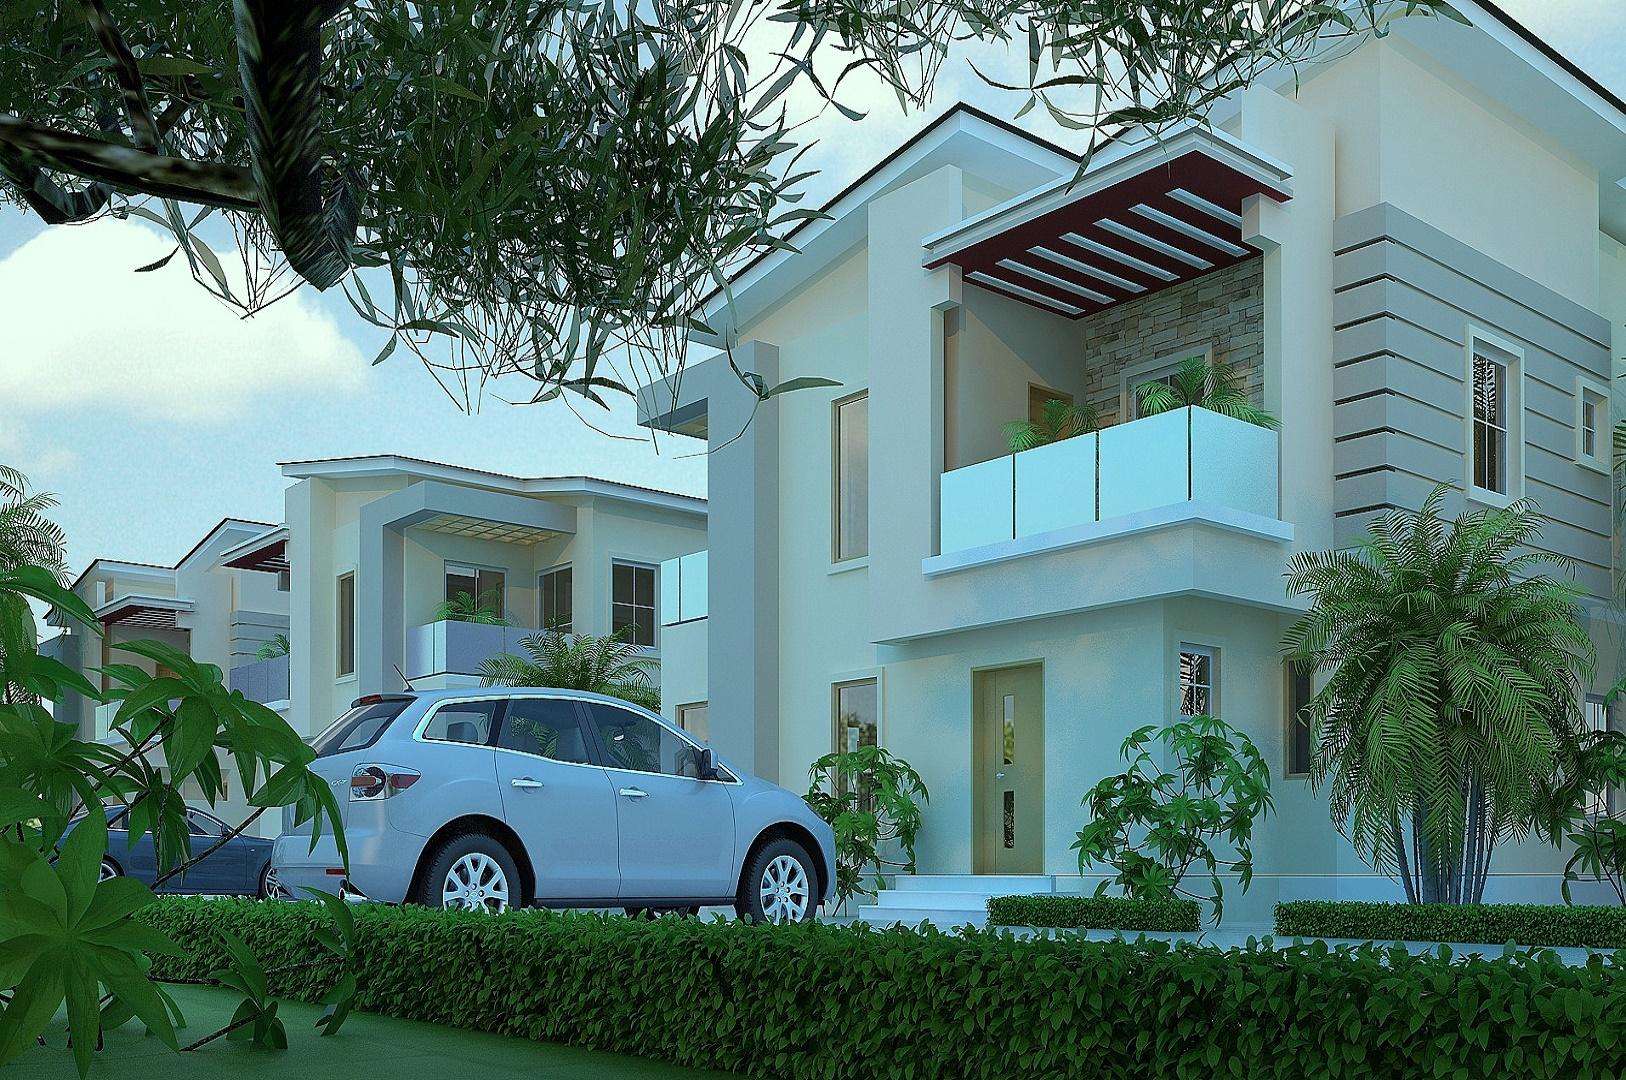 4 Bedroom Semi-Detached Duplex in Victoria Garden City